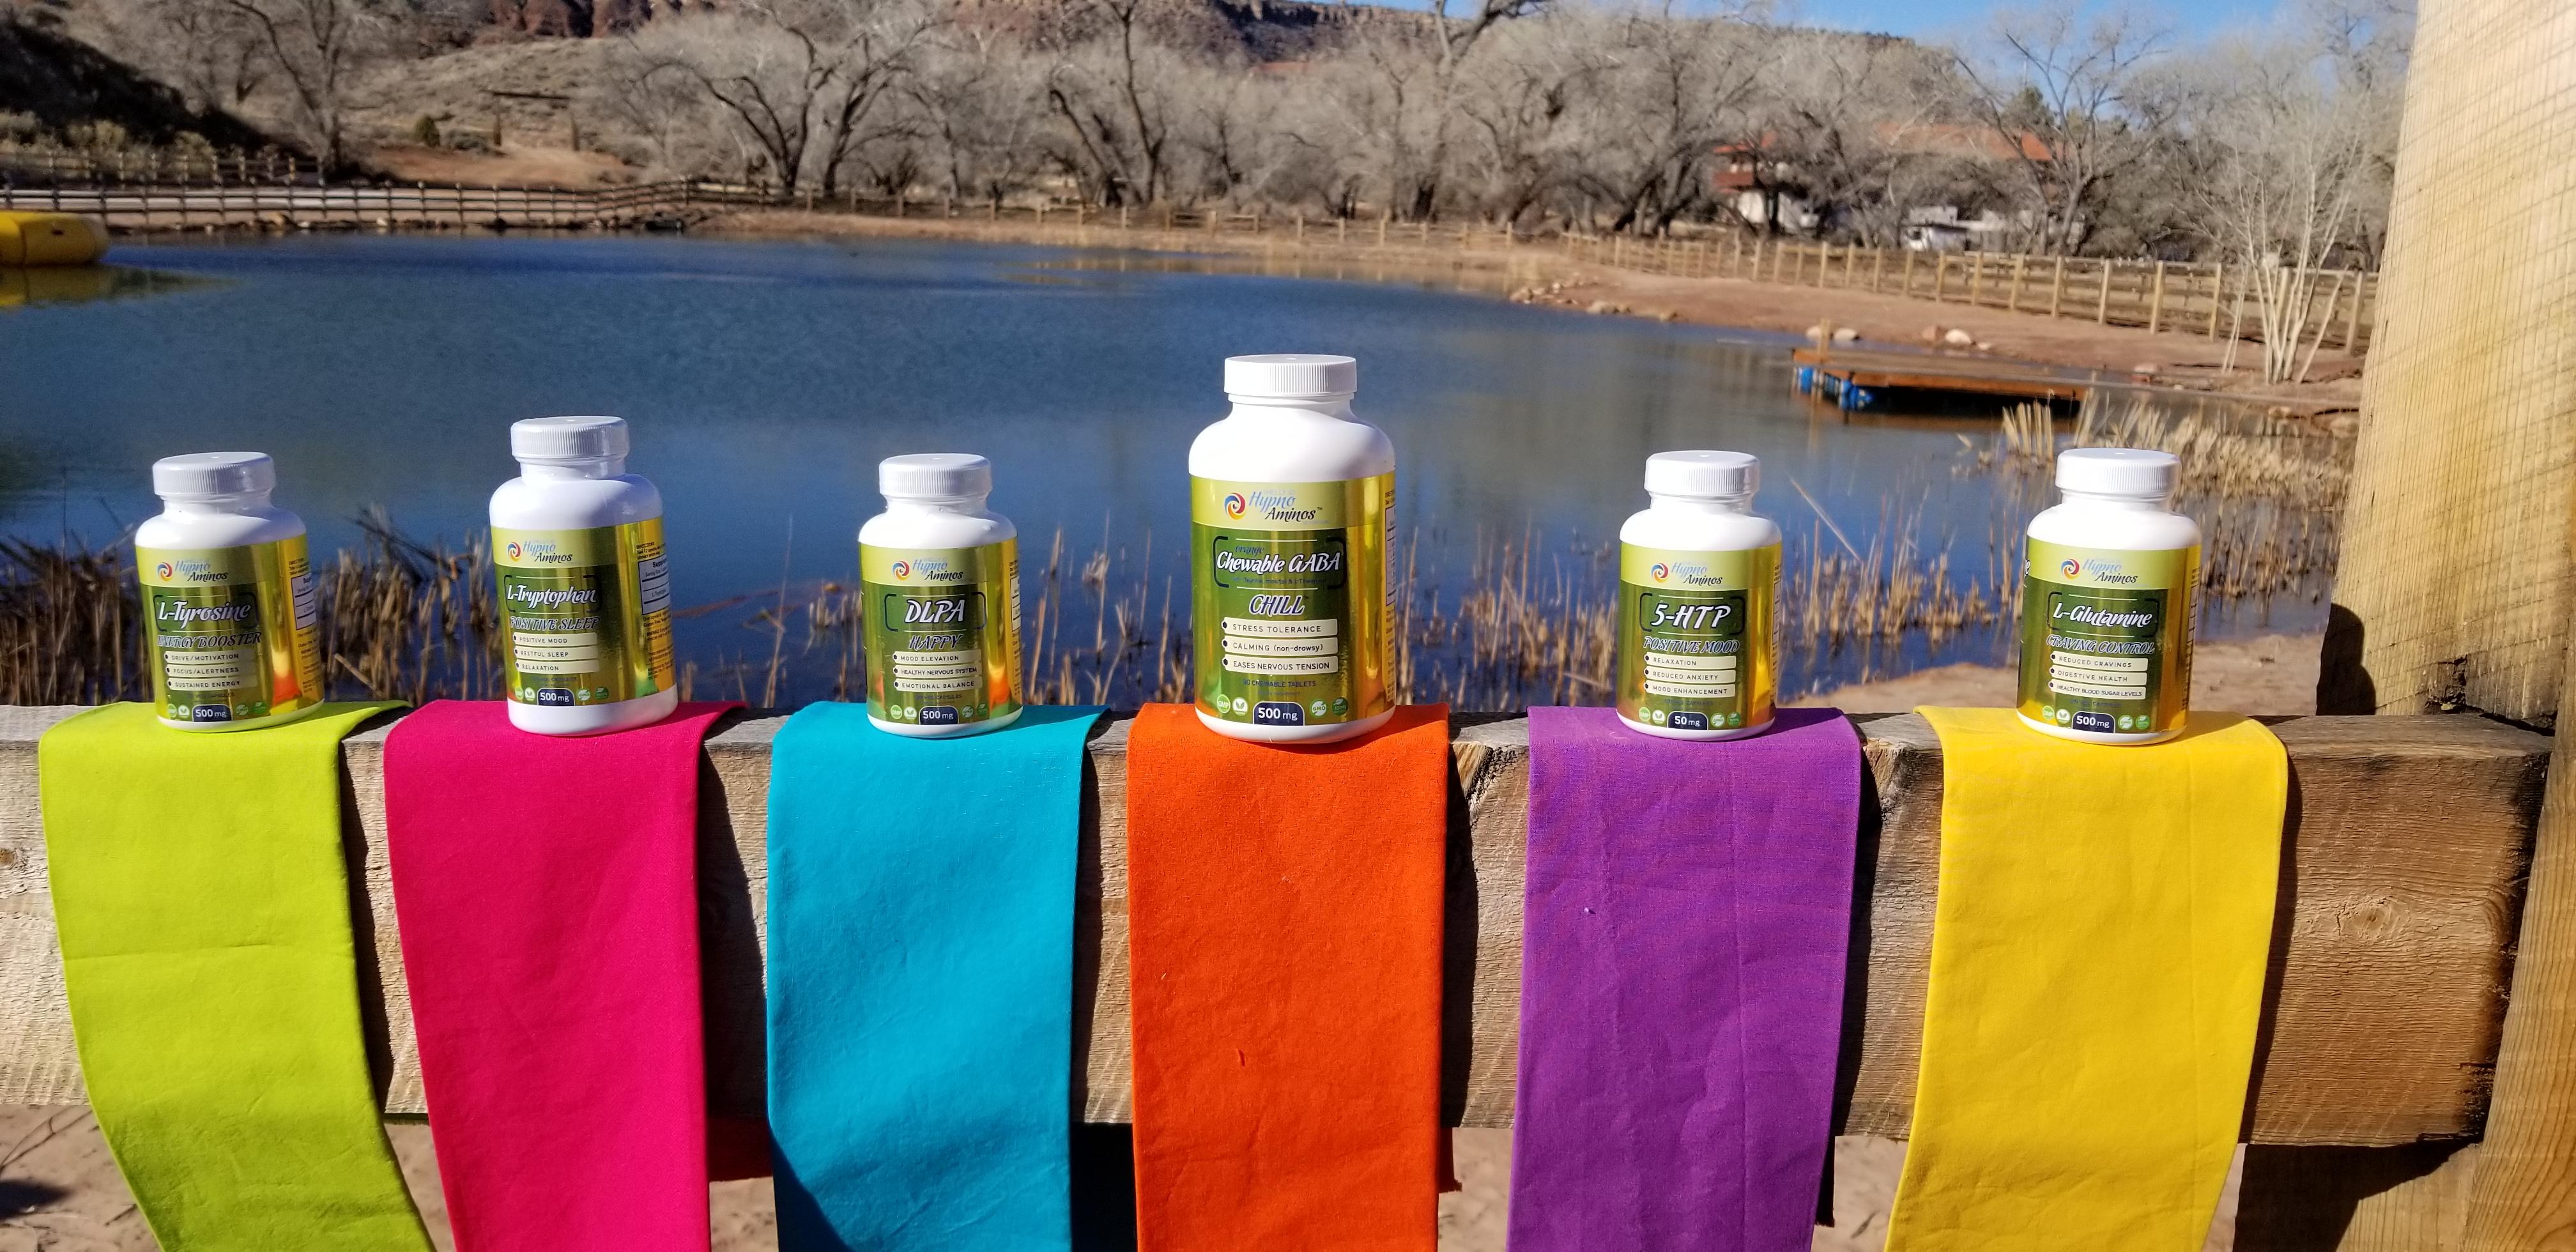 shelly jo hypno aminos nutrition supplements